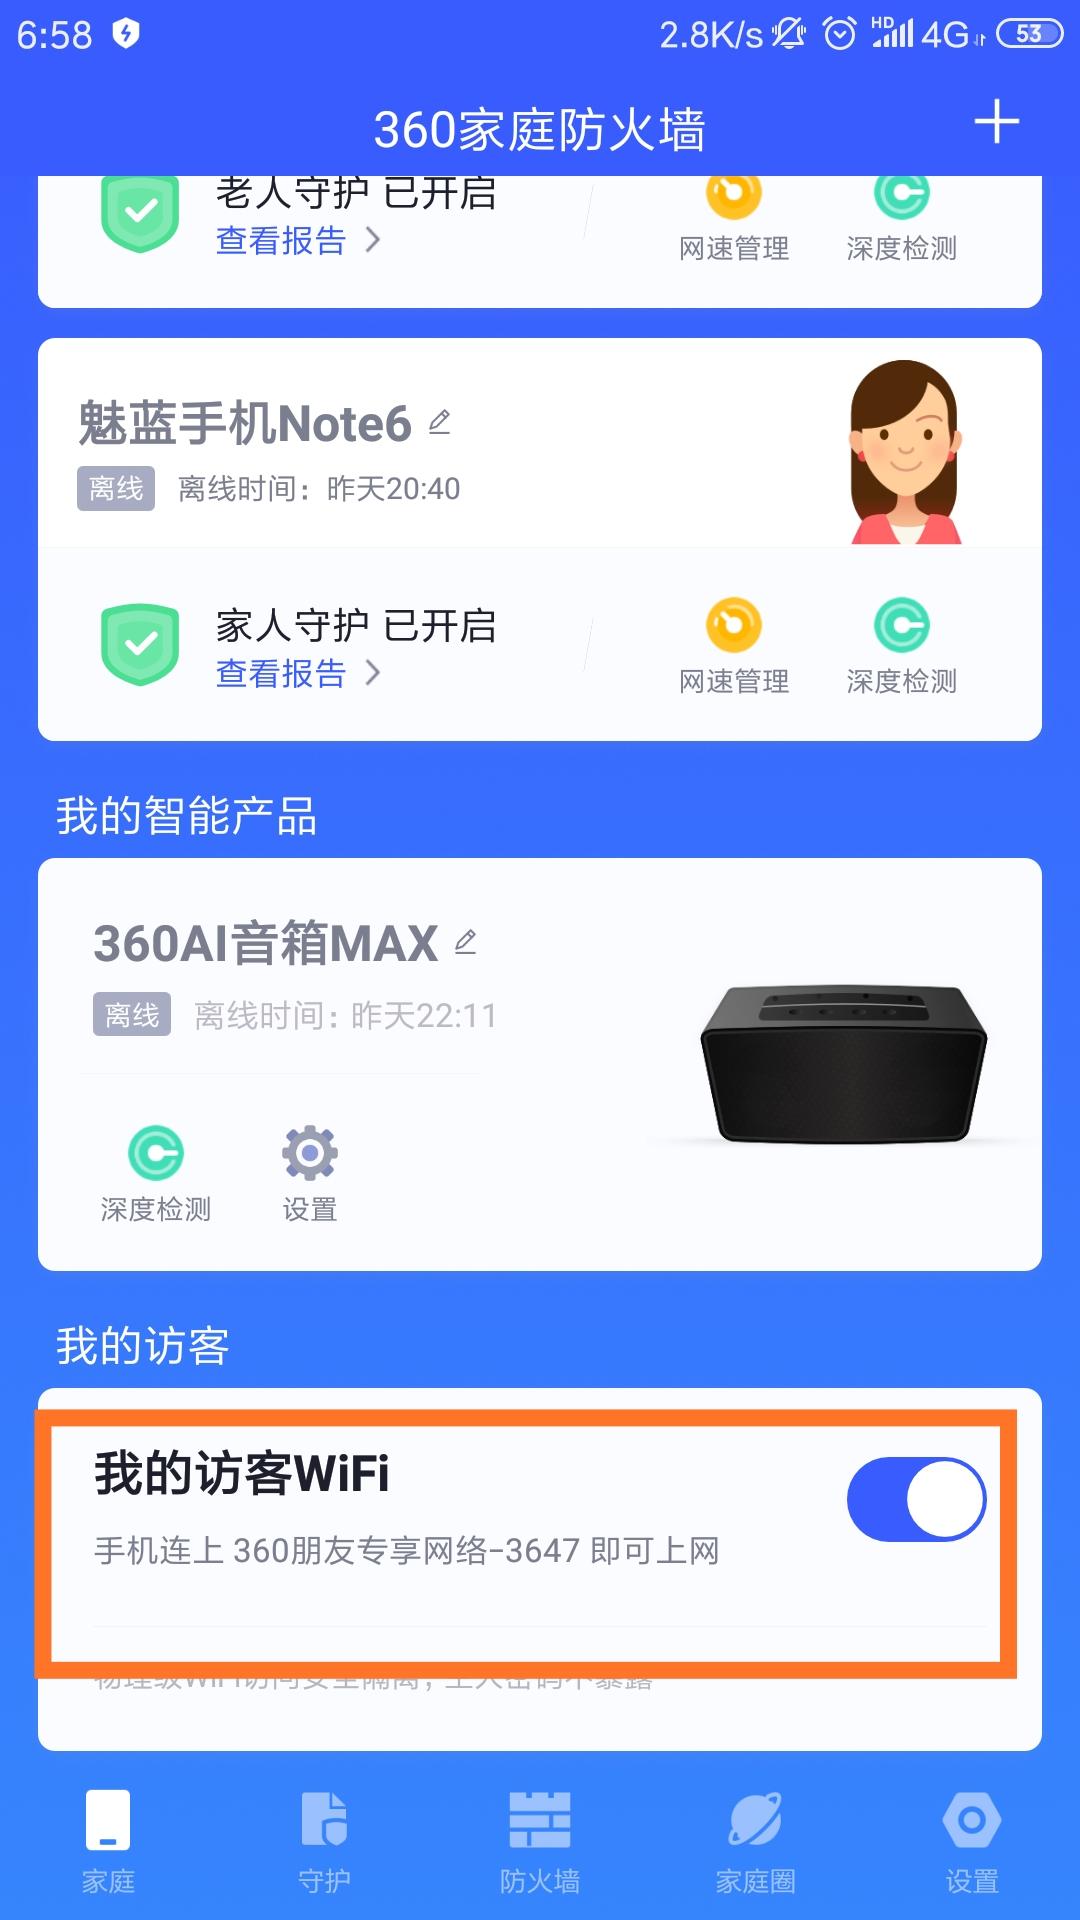 Screenshot_2019-04-30-06-58-50-521_com.qihoo.srouter.n300.png